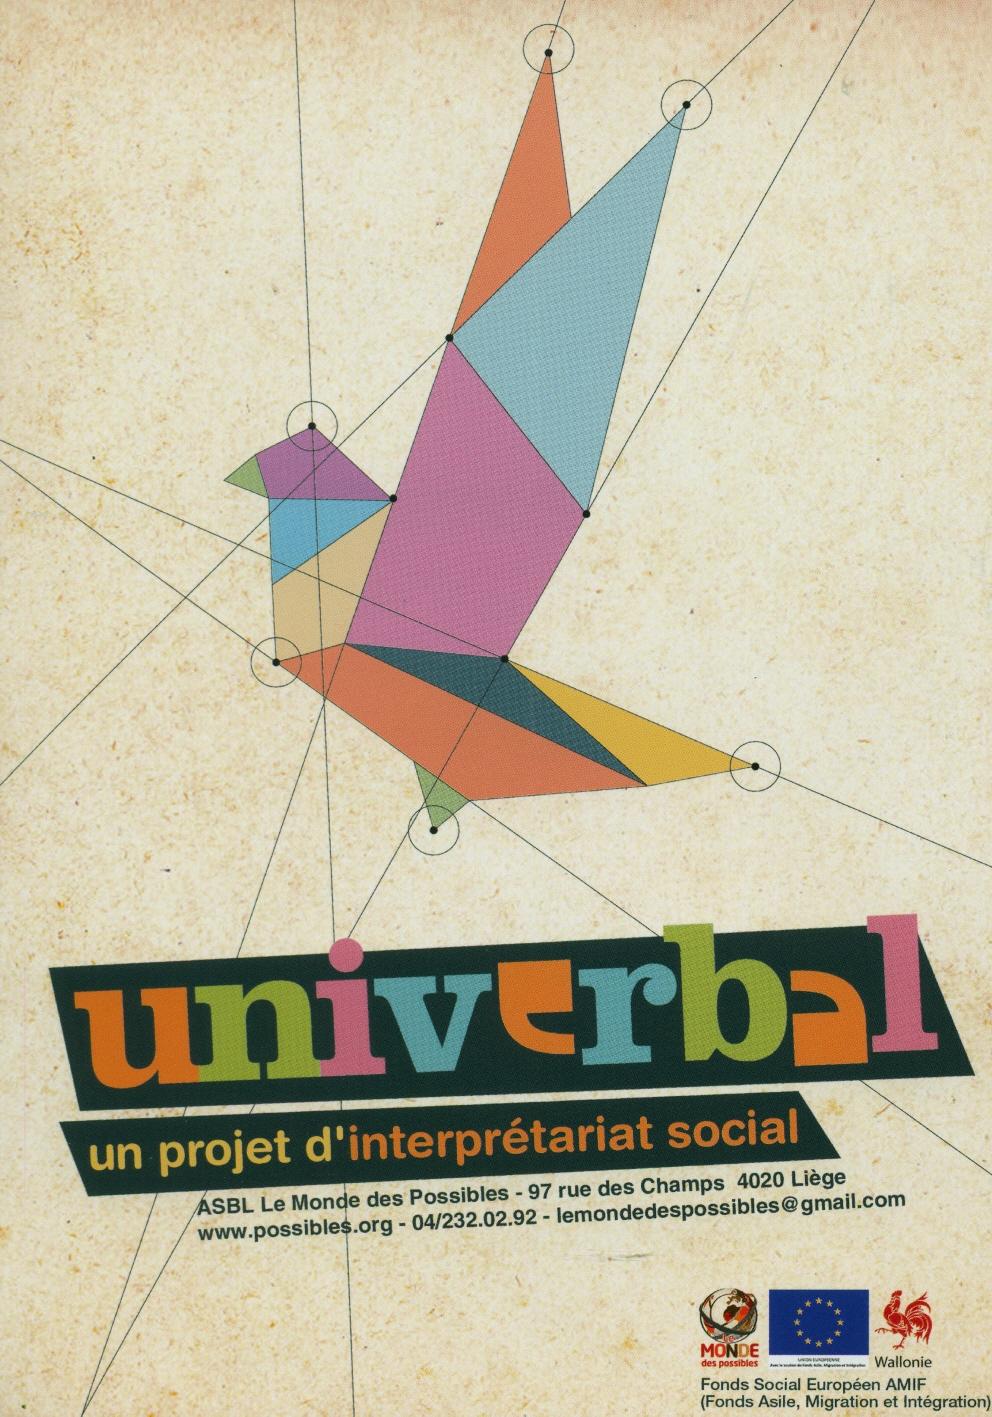 12 avril 2016 - Lancement du projet d'interprétariat communautaire UNIVERBAL